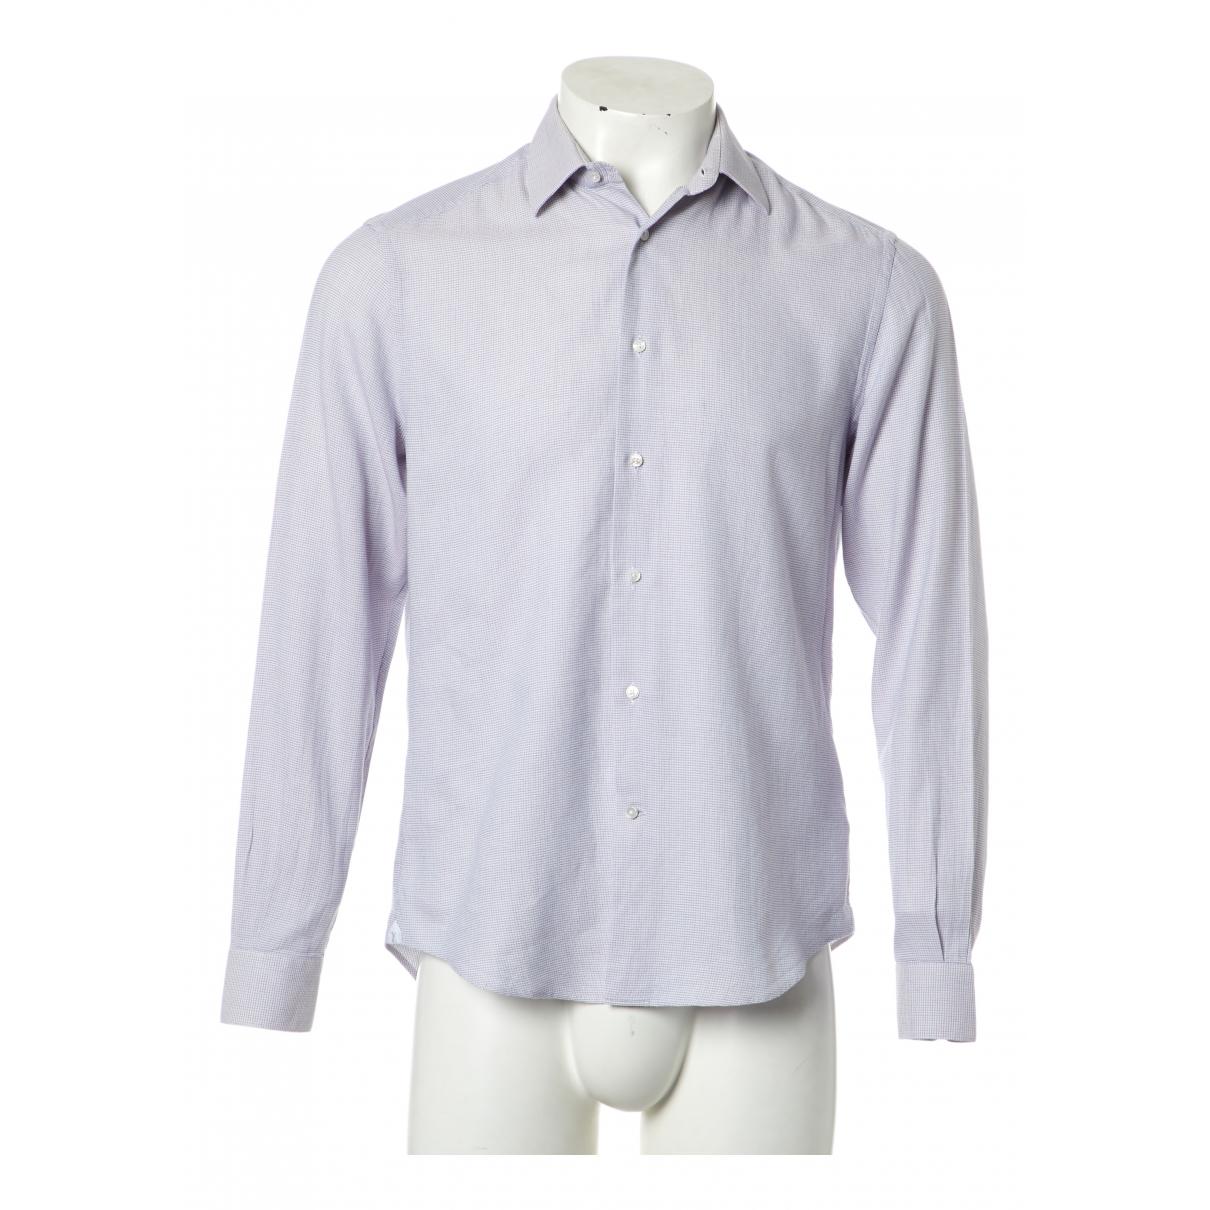 Louis Vuitton - Chemises   pour homme en coton - multicolore